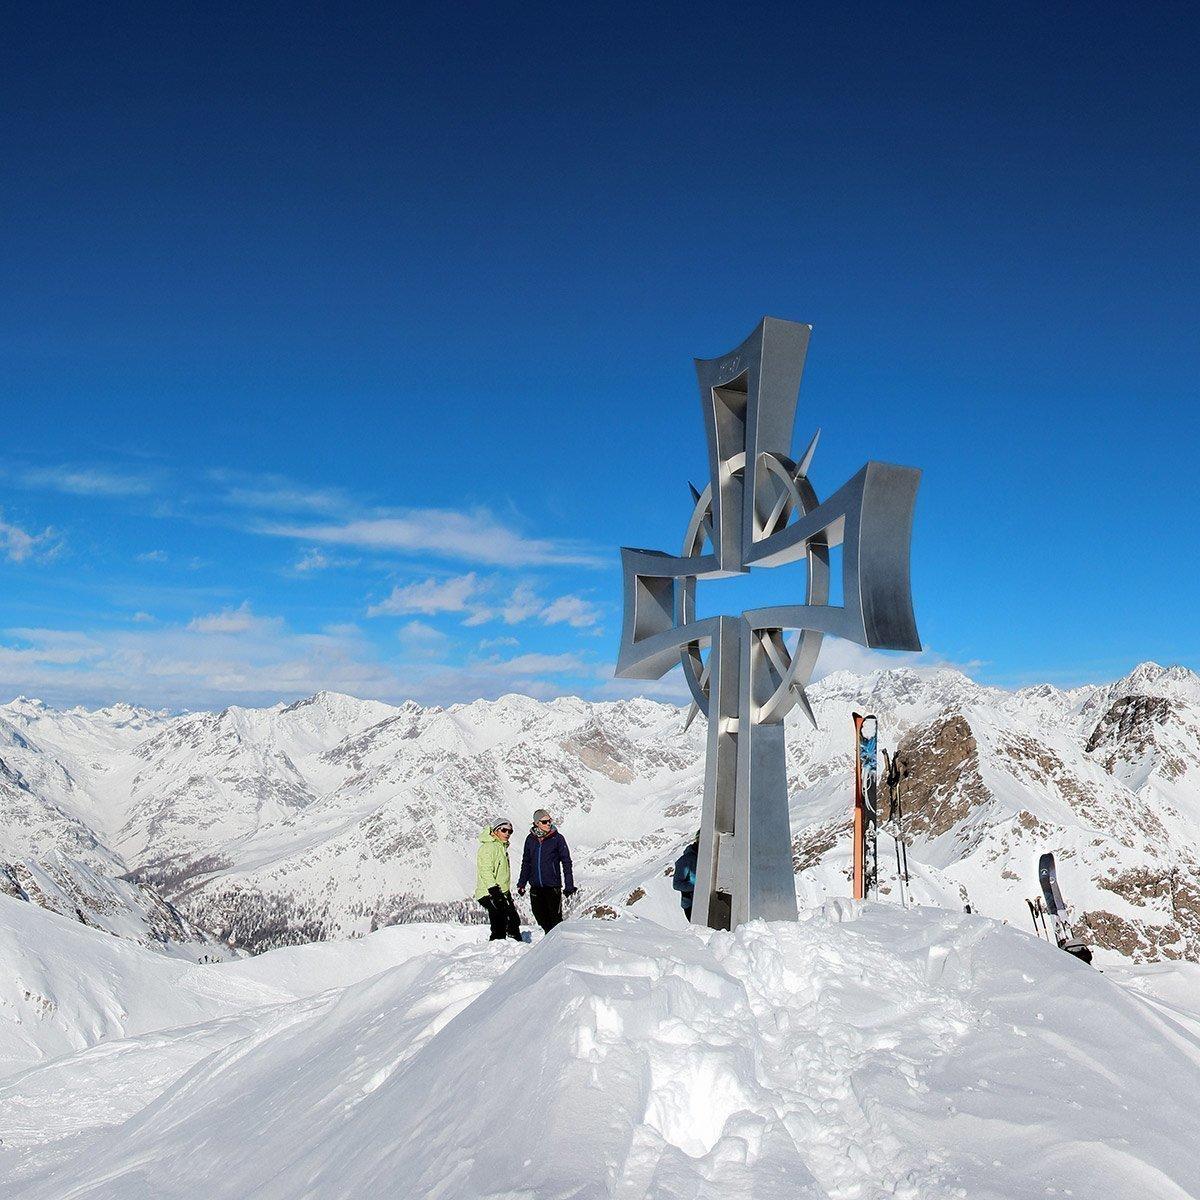 Skitouren Pfitschertal & Winterurlaub Südtirol & Schneeschuhwandern